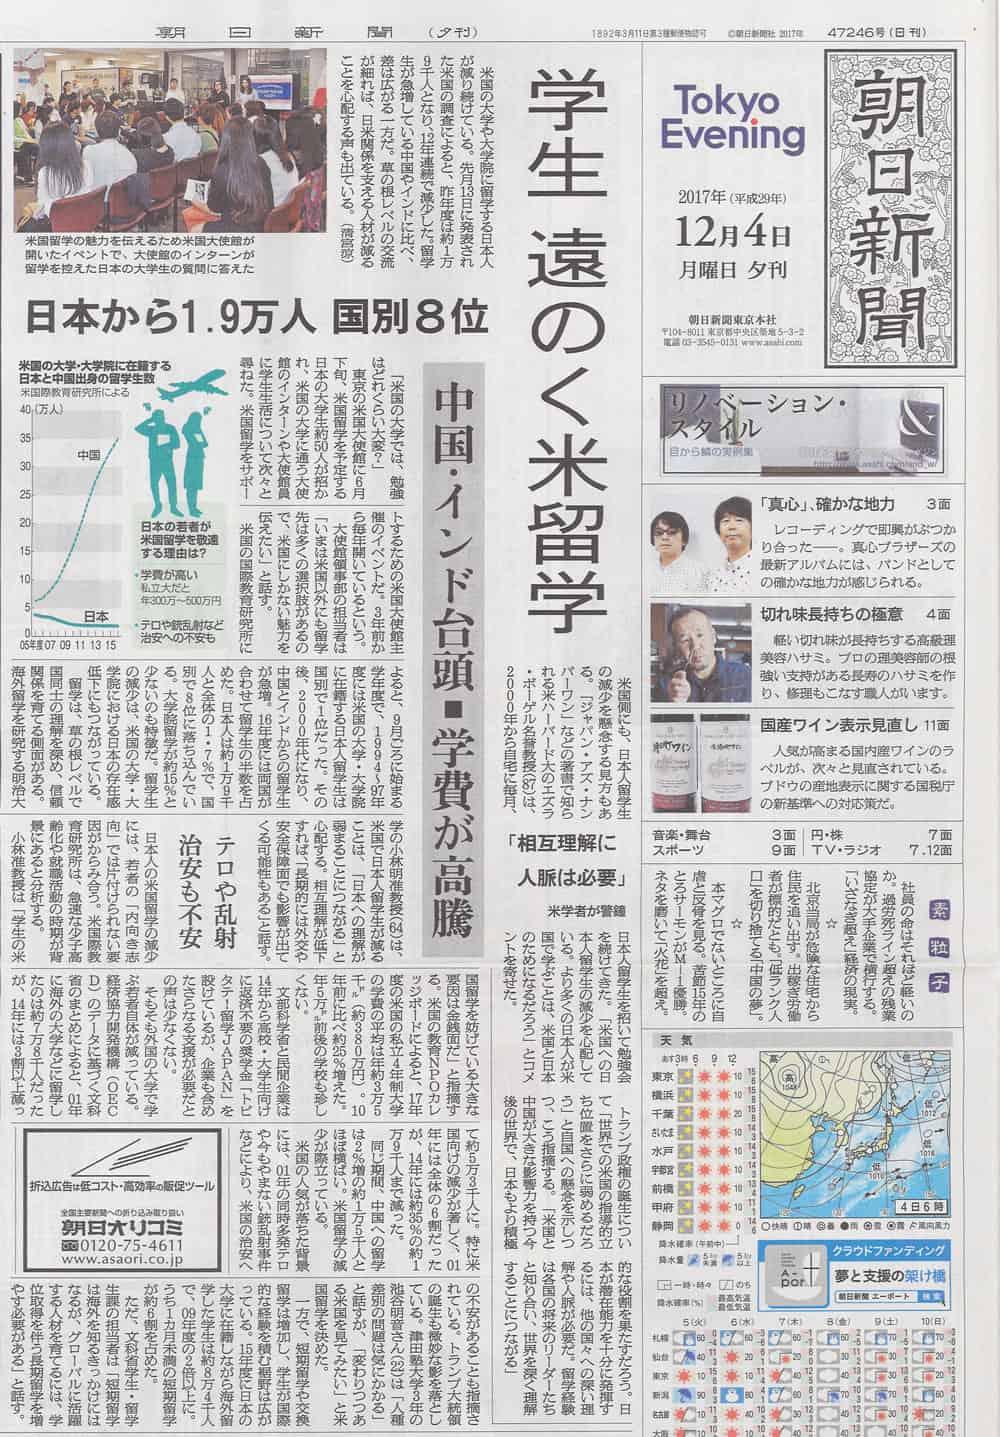 米留学、遠のく日本人 中国・インド台頭/学費が高騰 昨年度1.9万人、国別8位